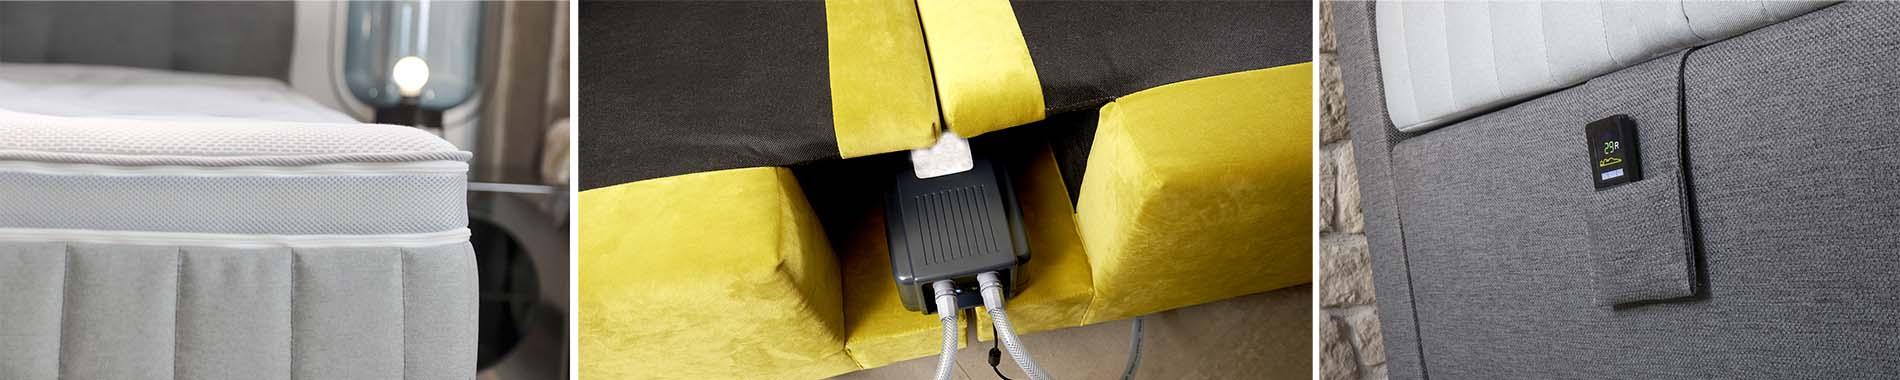 aquabest wasserbetten siebenschlaf air matratze - NEU: siebenschlaf® AIR Matratze